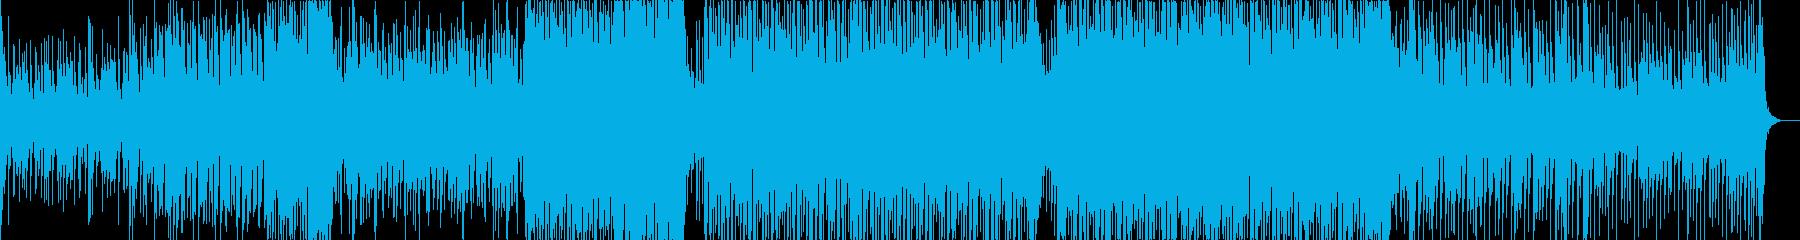 爽やかなプログレッシブハウスの再生済みの波形